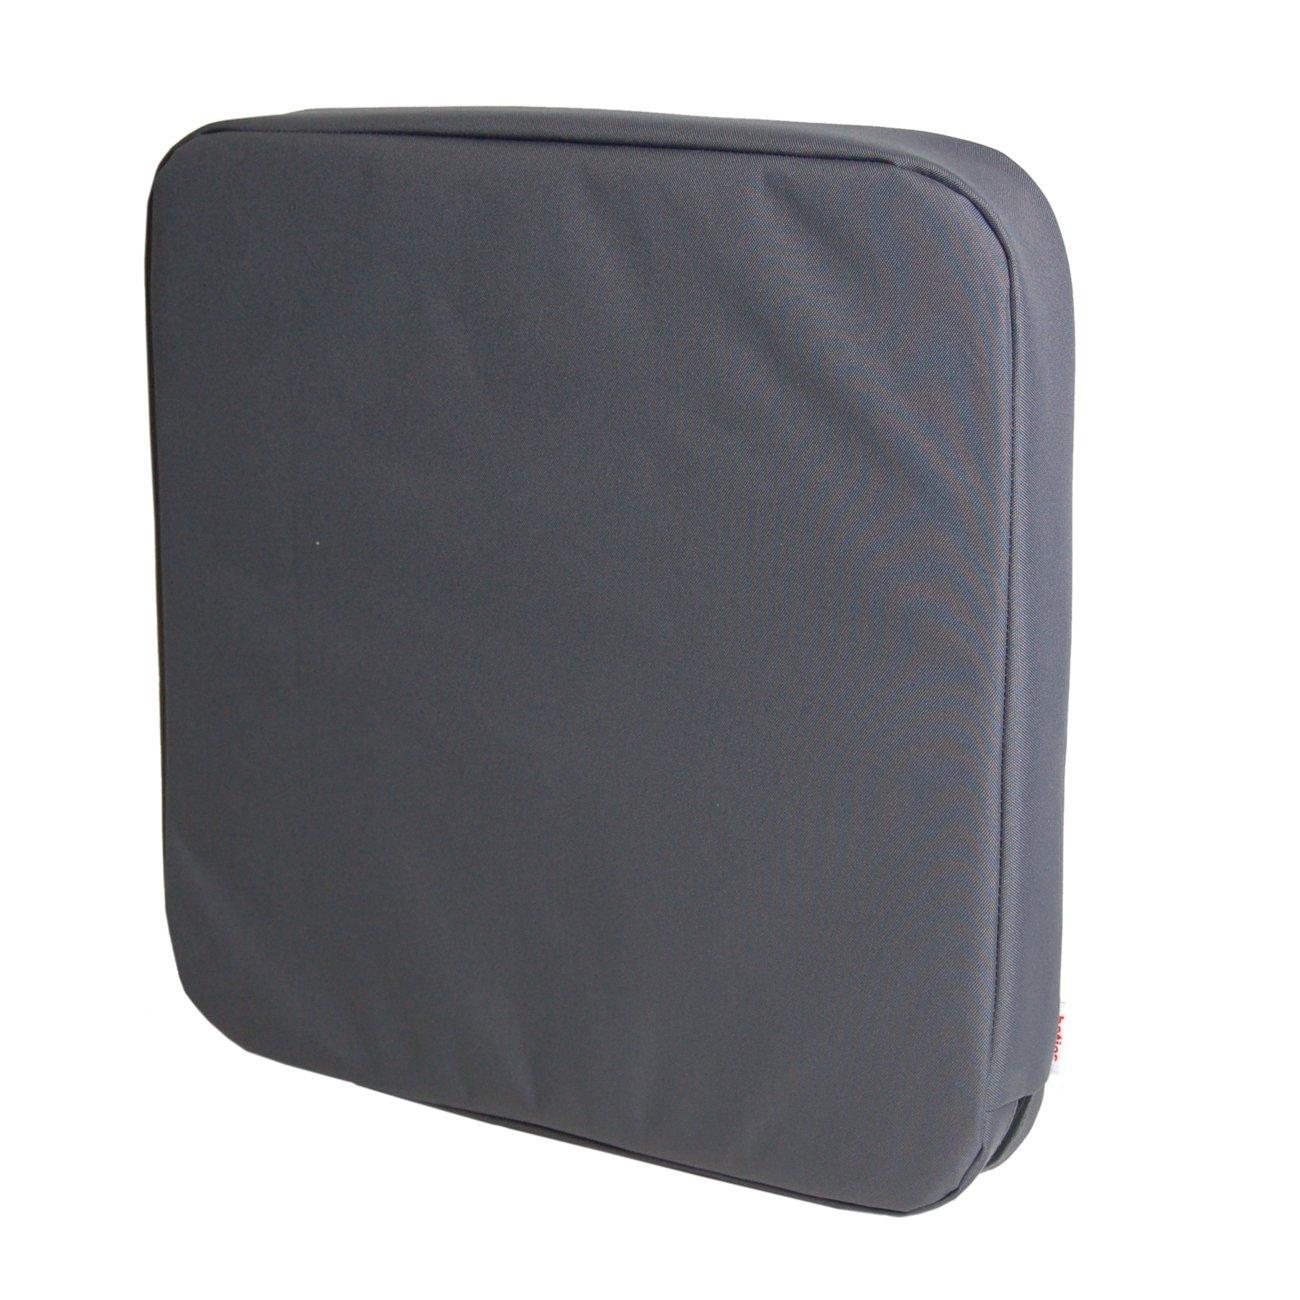 """'Beties """"dämmy simple dämmvo rrichtung pour caravane fenêtre de toit (womo Dämm); pour trappes standard de coussin 40x 40(couleur: anthracite)"""